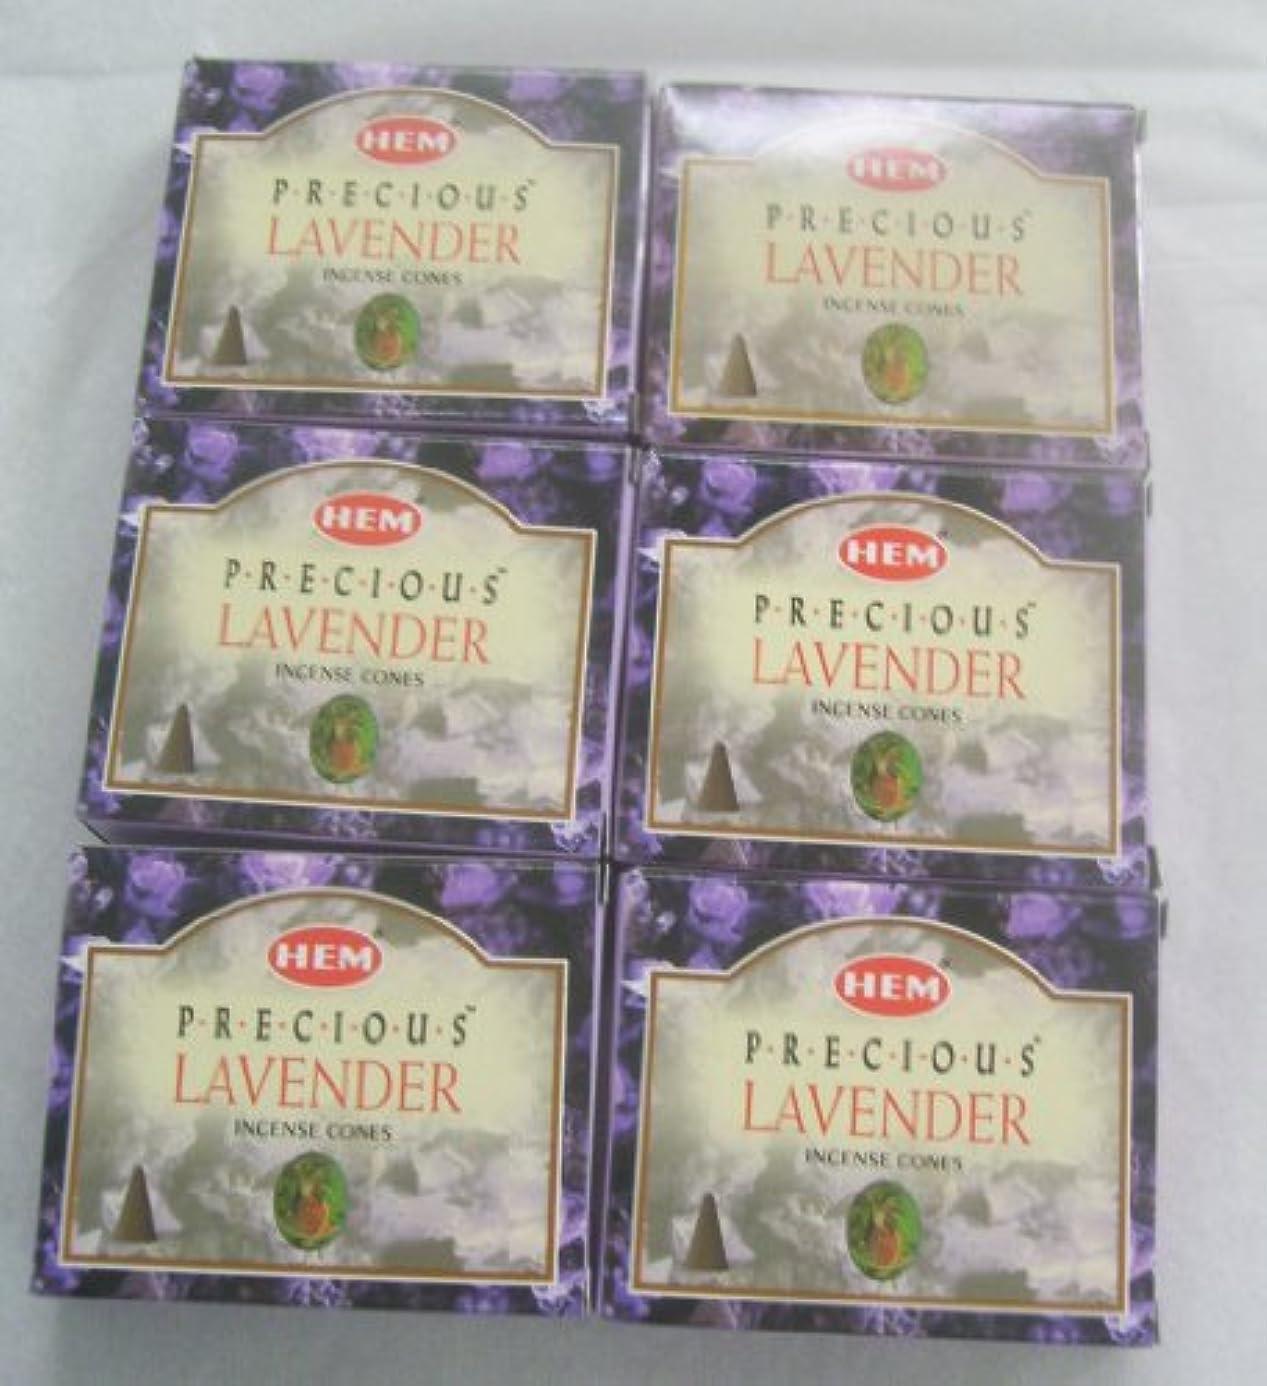 シーン些細衰えるHem Precious Lavender Incense Cones、6パックの10 Cones = 60 Cones